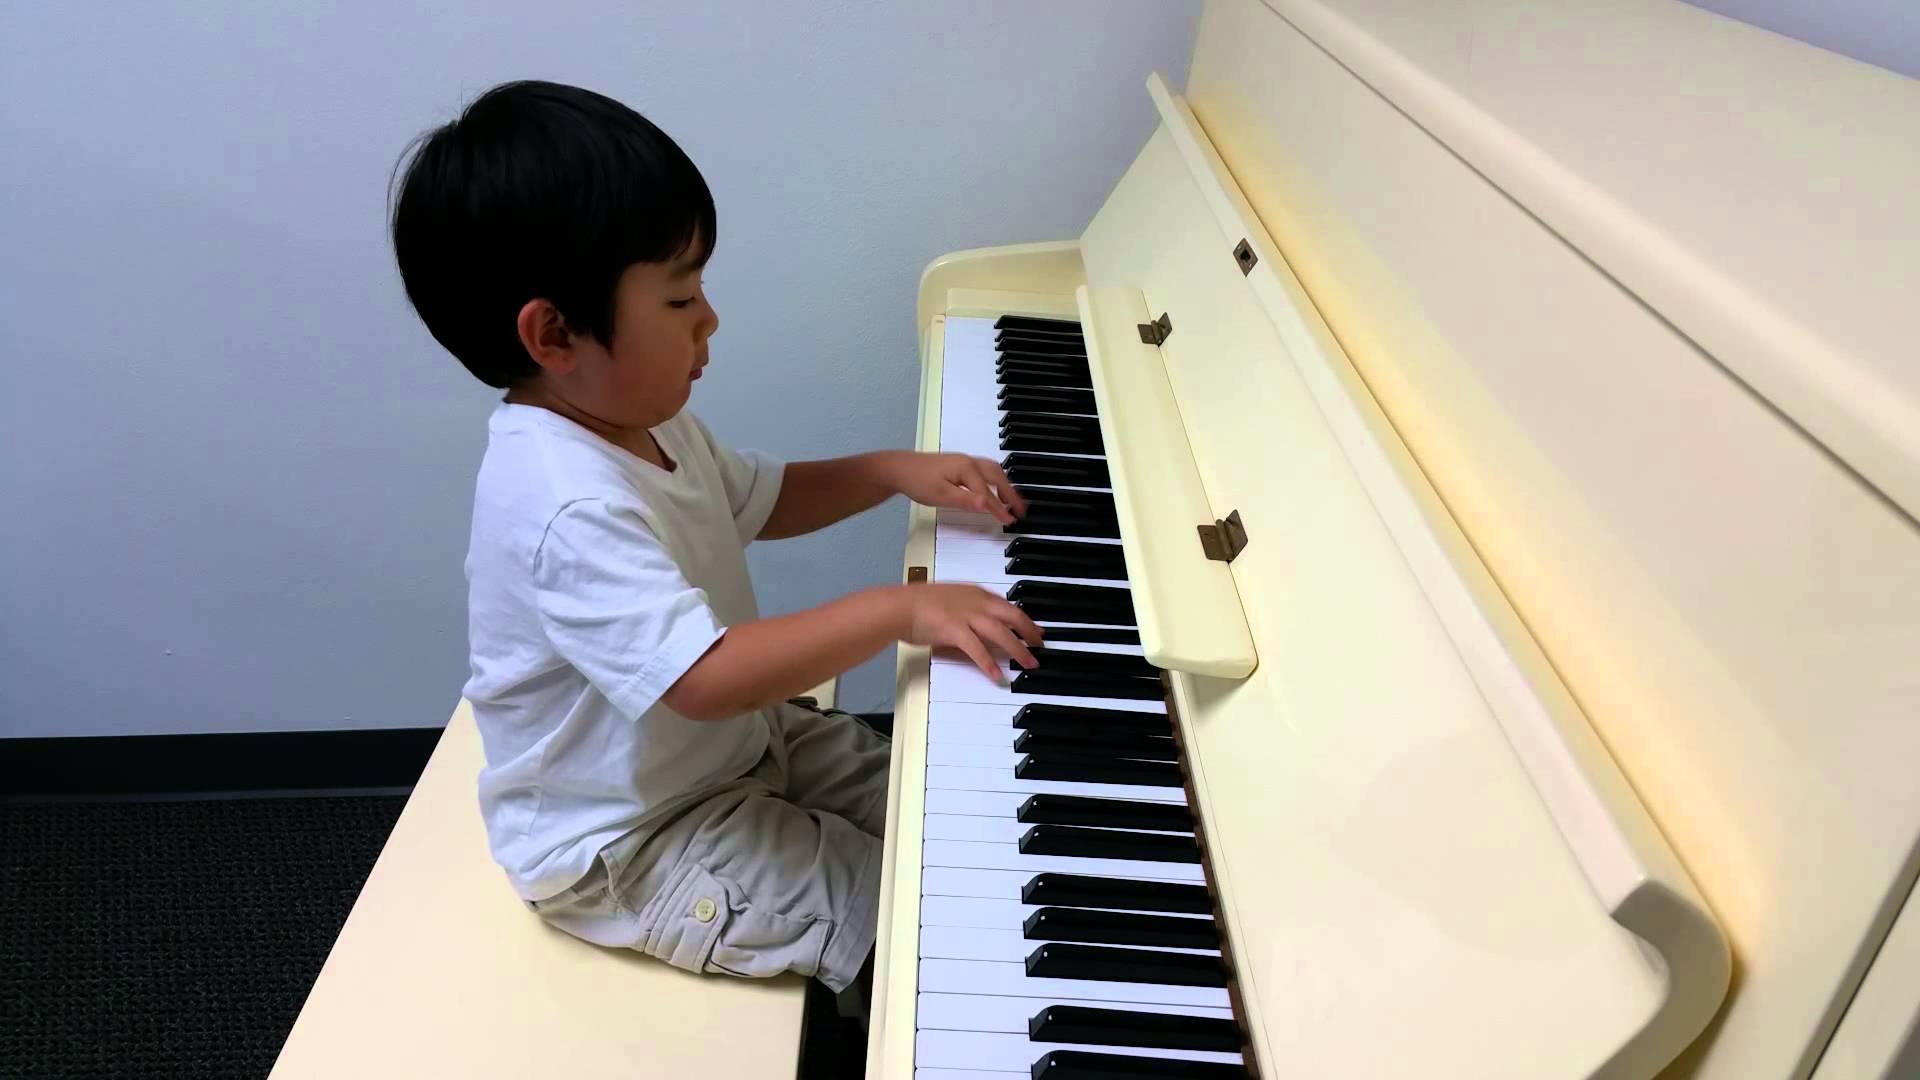 """Cậu bé nổi lên như một thần đồng piano tháng 7/2015, khi tham gia cuộc thi tài năng VStar Kids dành cho trẻ em người Việt ở Mỹ với những bản nhạc nổi tiếng như """"Hoài cảm"""", """"Rondo Alla Tura"""" hay """"Asturias"""". Khi đó, dù mới học đàn được bảy tháng, thí sinh nhỏ tuổi nhất cuộc thi đã chinh phục ban giám khảo và mang về giải ba chung cuộc."""